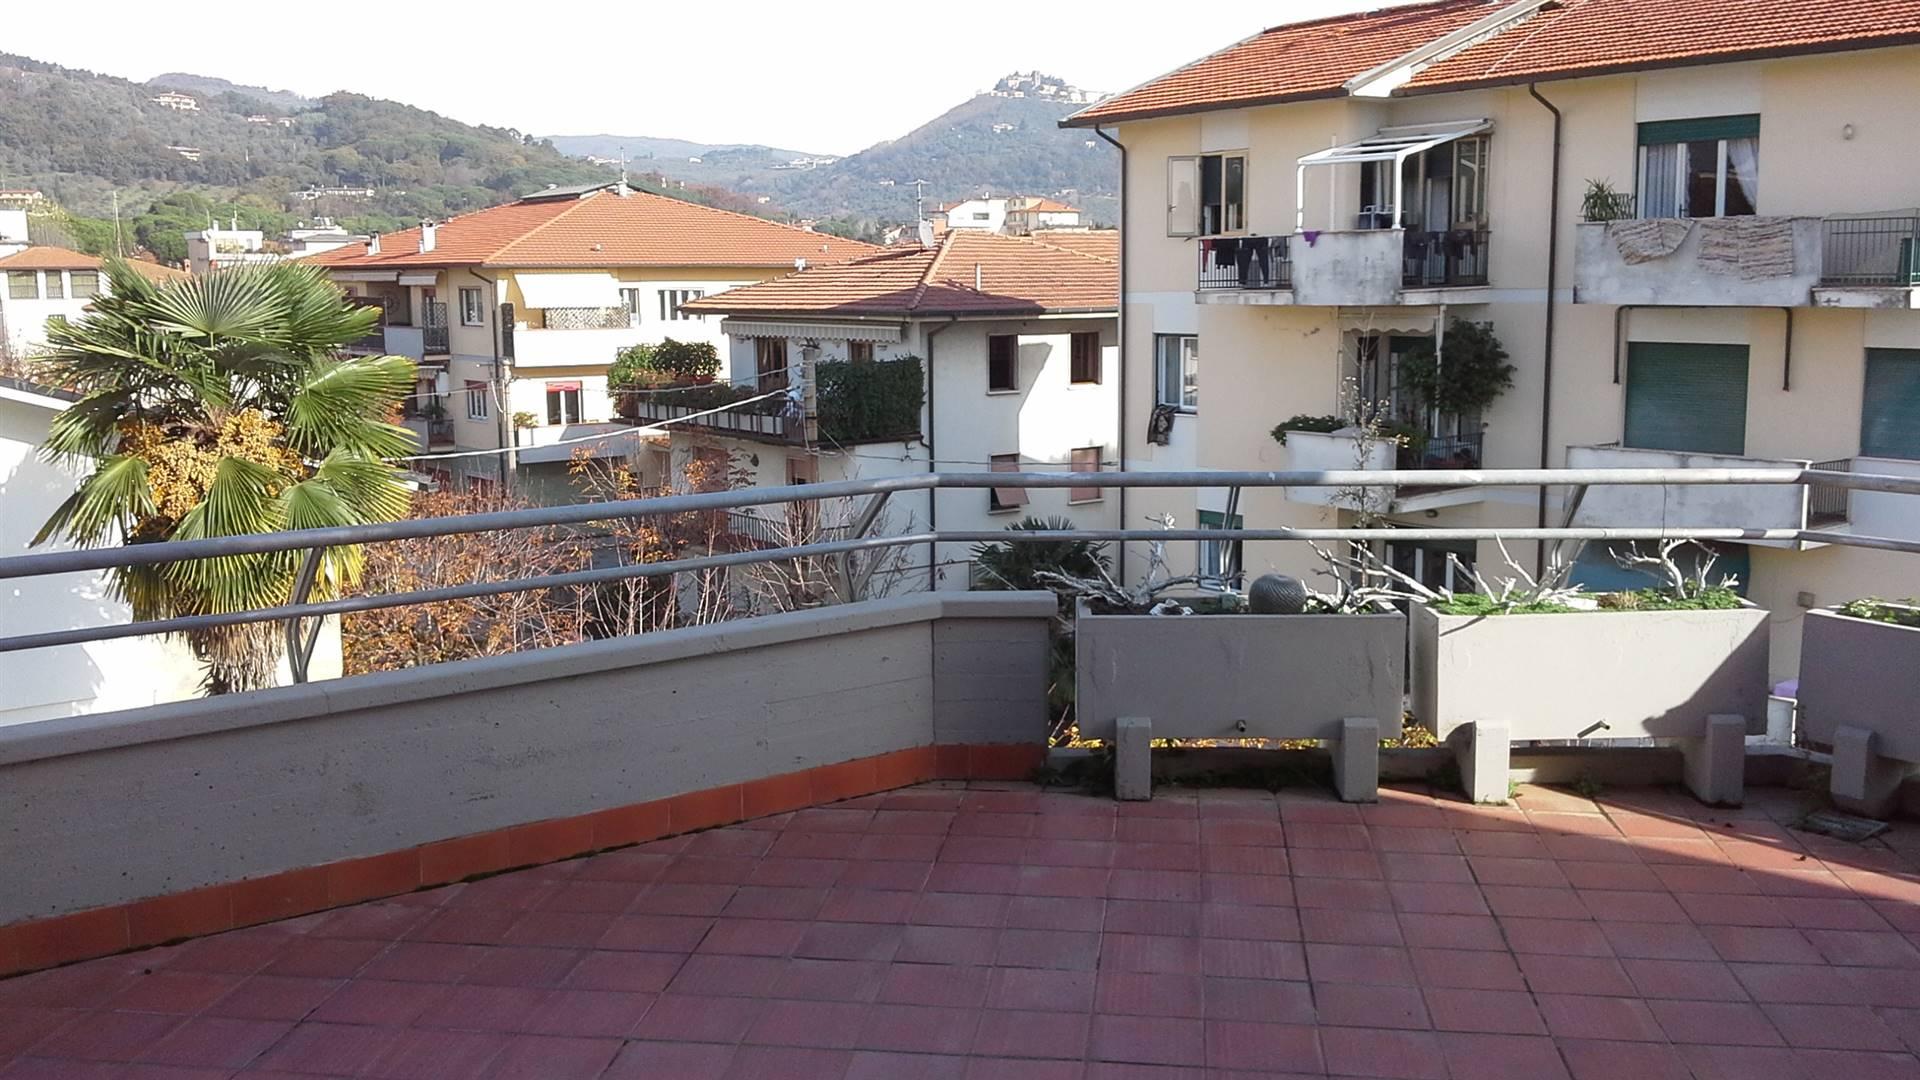 Attico / Mansarda in vendita a Montecatini-Terme, 5 locali, prezzo € 299.000   PortaleAgenzieImmobiliari.it